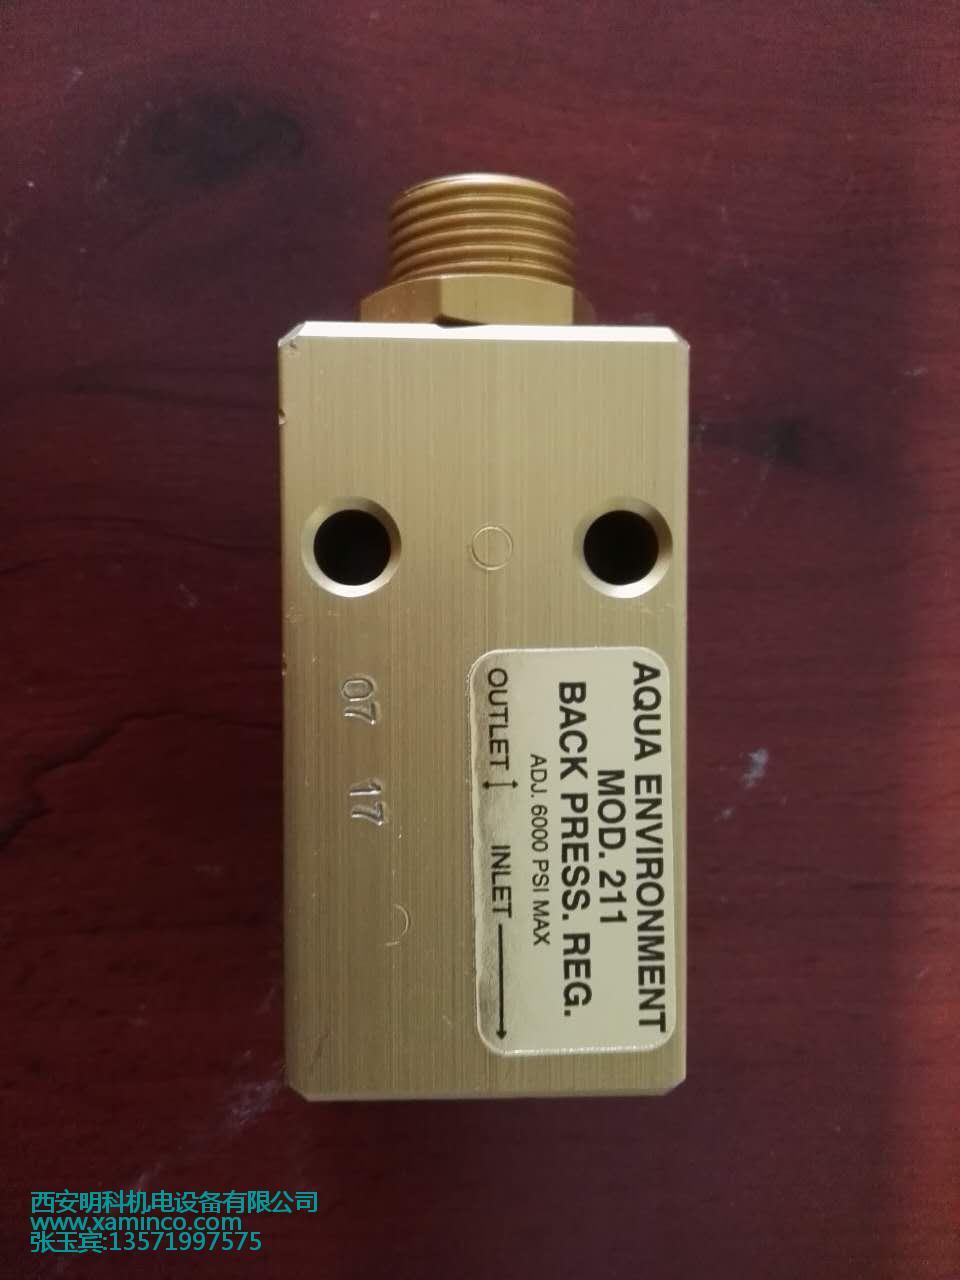 中国销售美国AQUA顺序阀635L/1709-顺序阀635L/1709供应商_西安明科机电